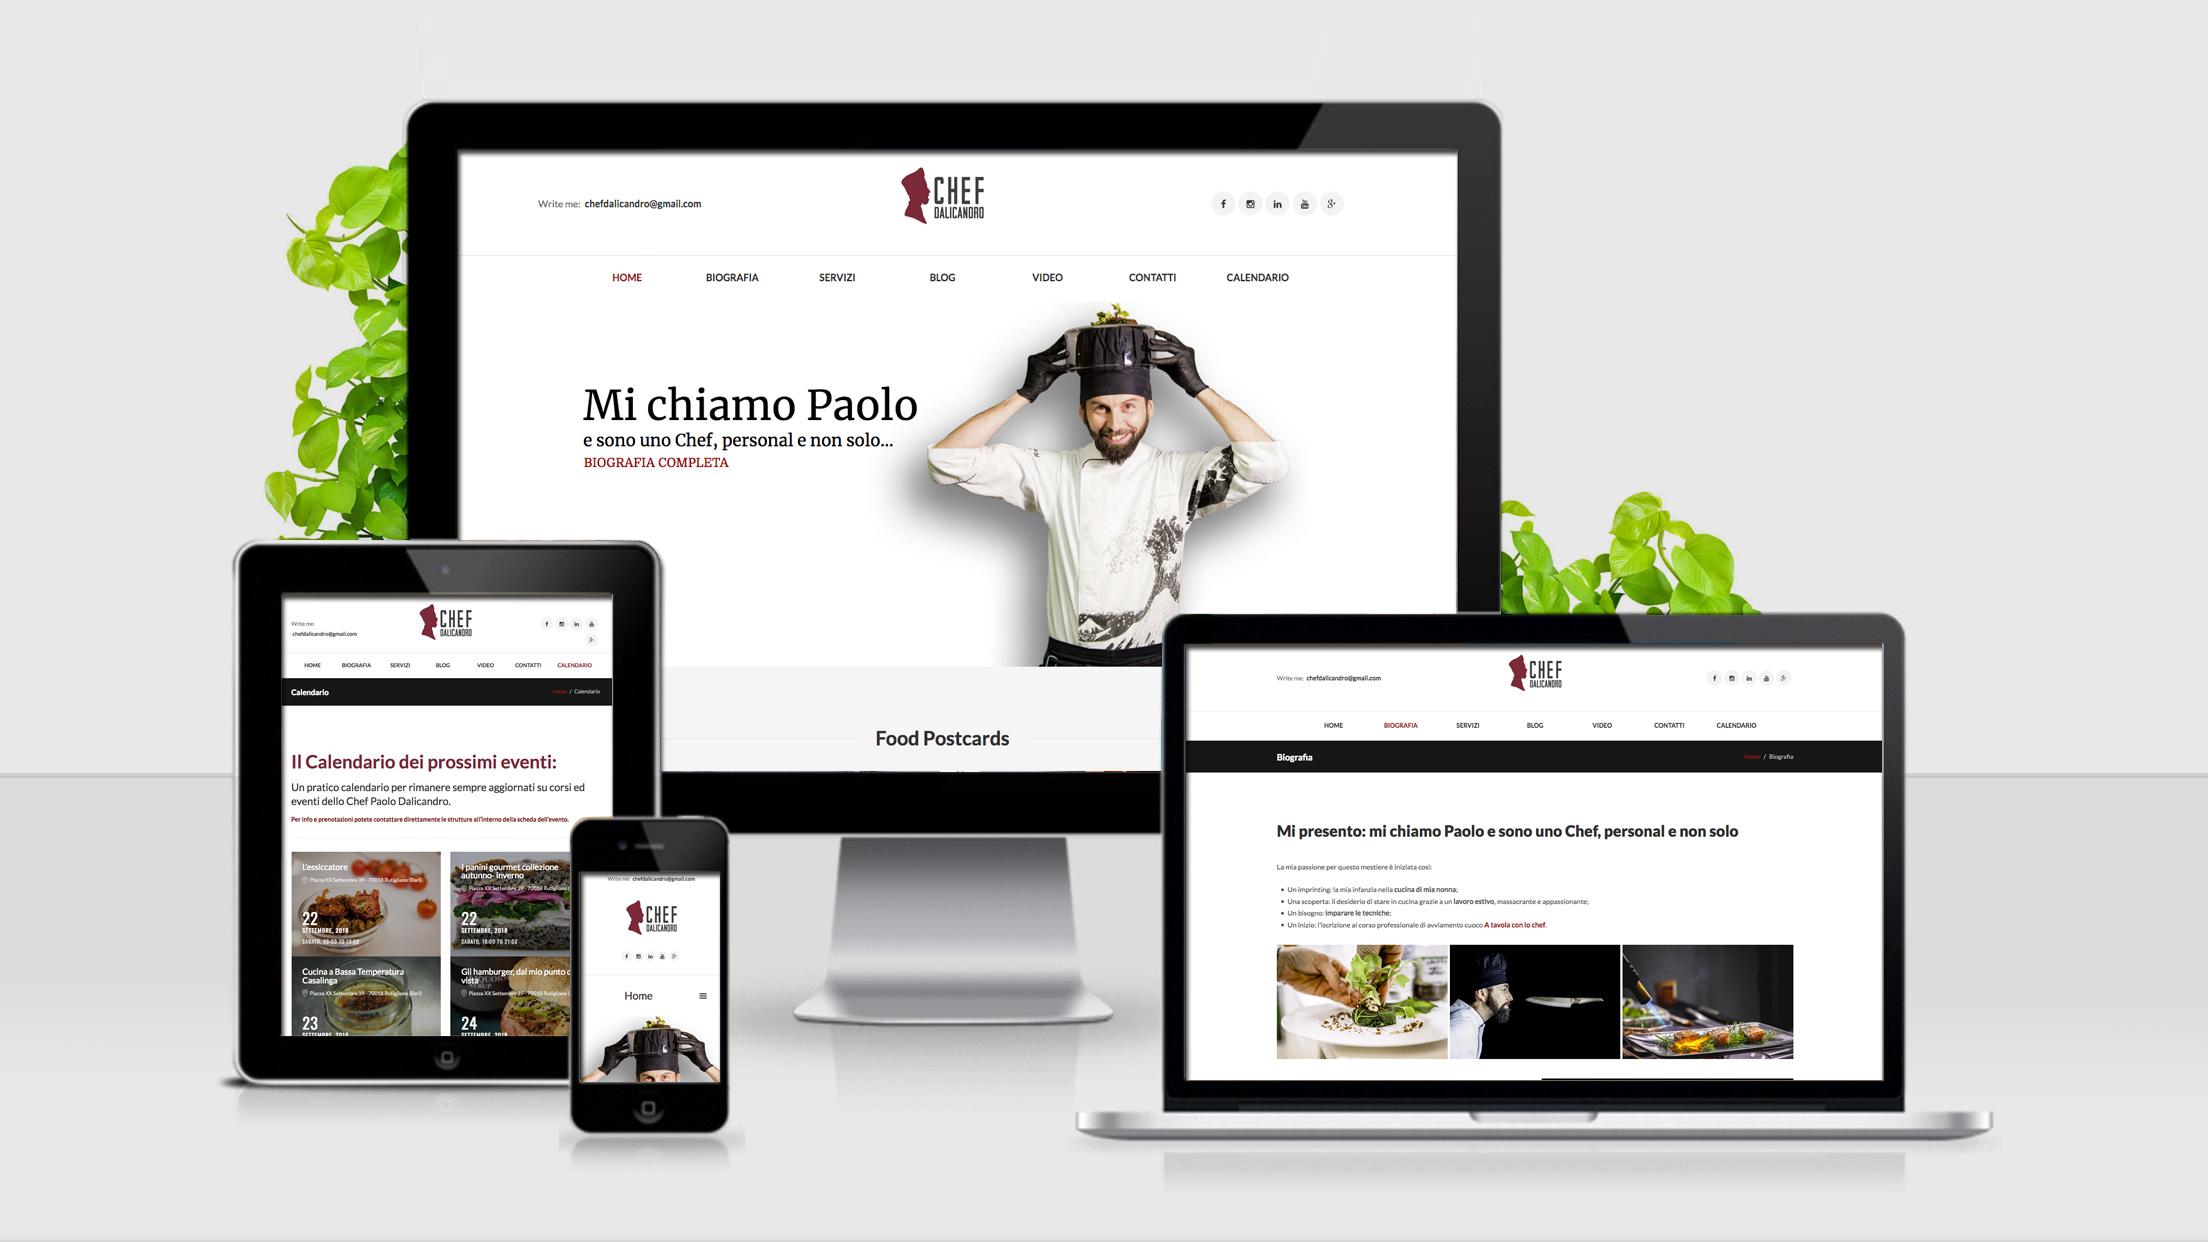 Chef Dalicandro - sito web responsive